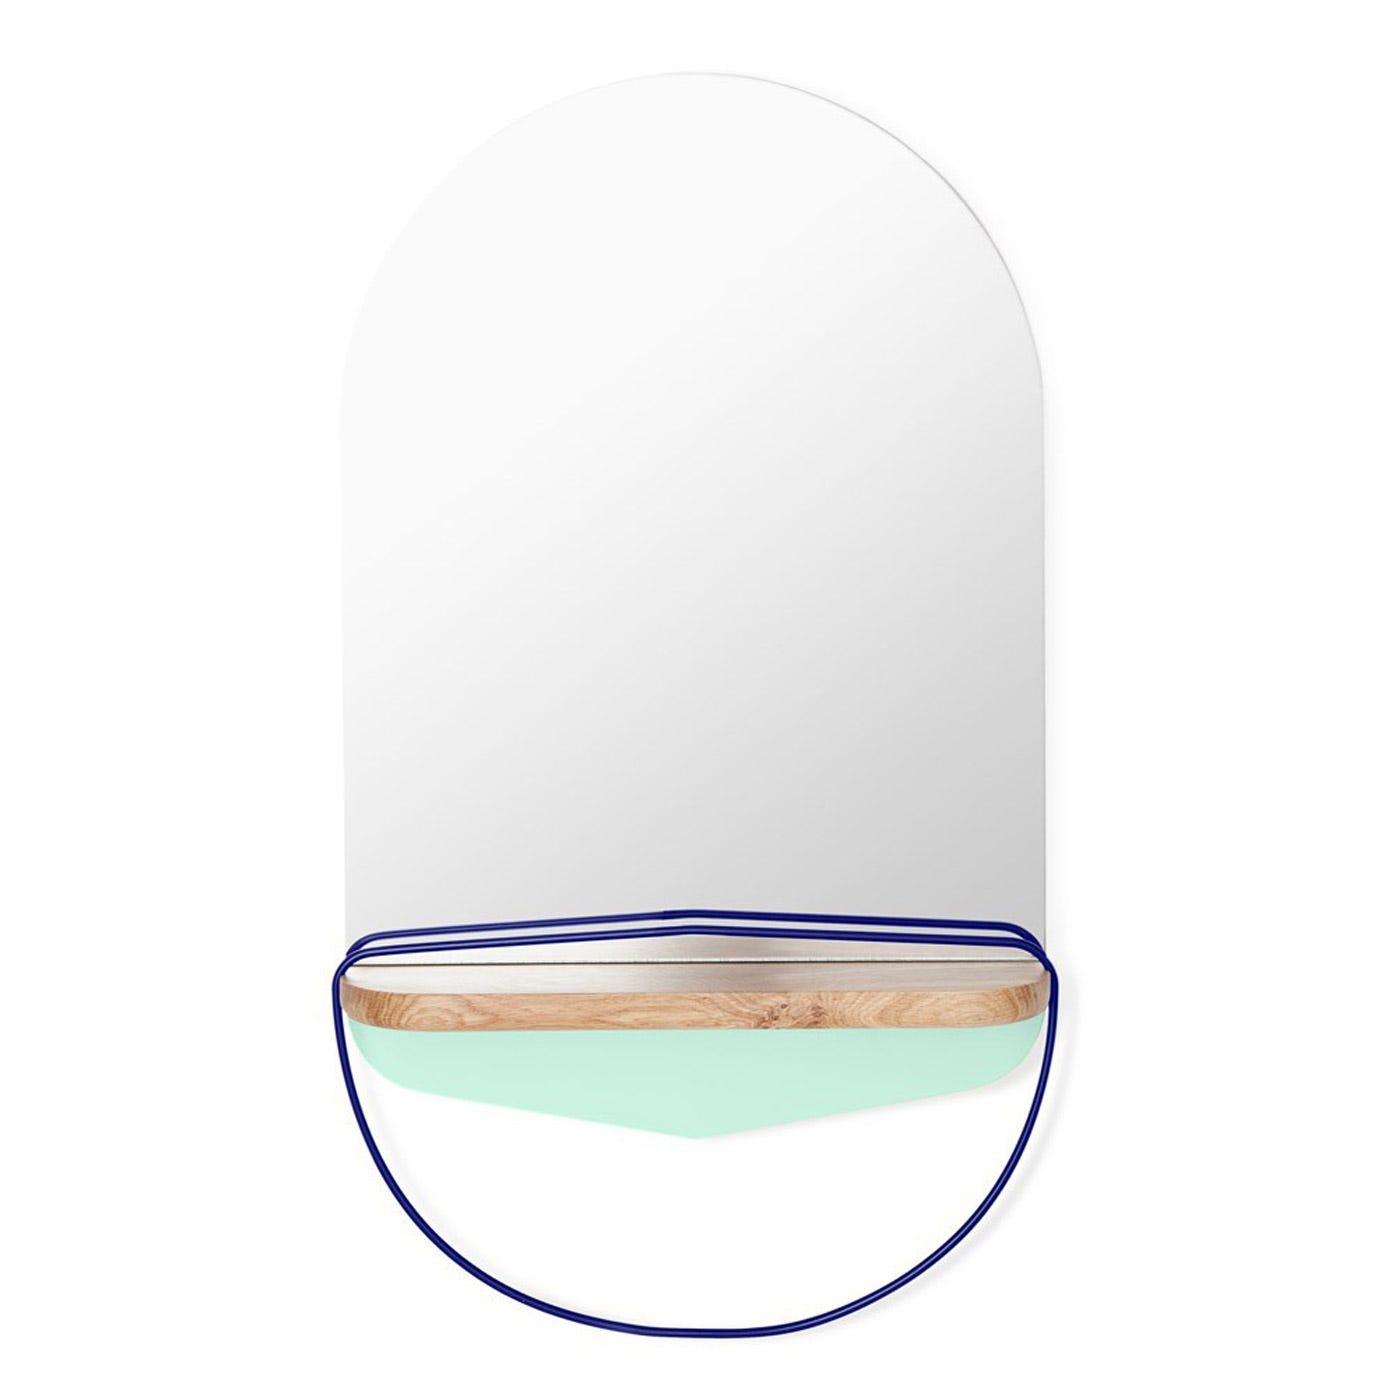 Heal's Modeste Mirror